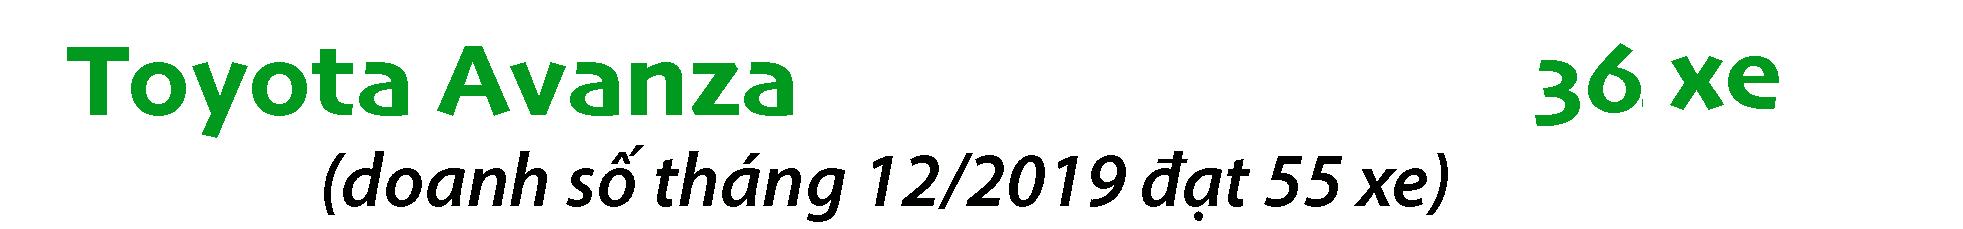 Phân khúc MPV tháng 1/2020: Toyota Innova bị Mitsubishi Xpander bỏ xa - 15